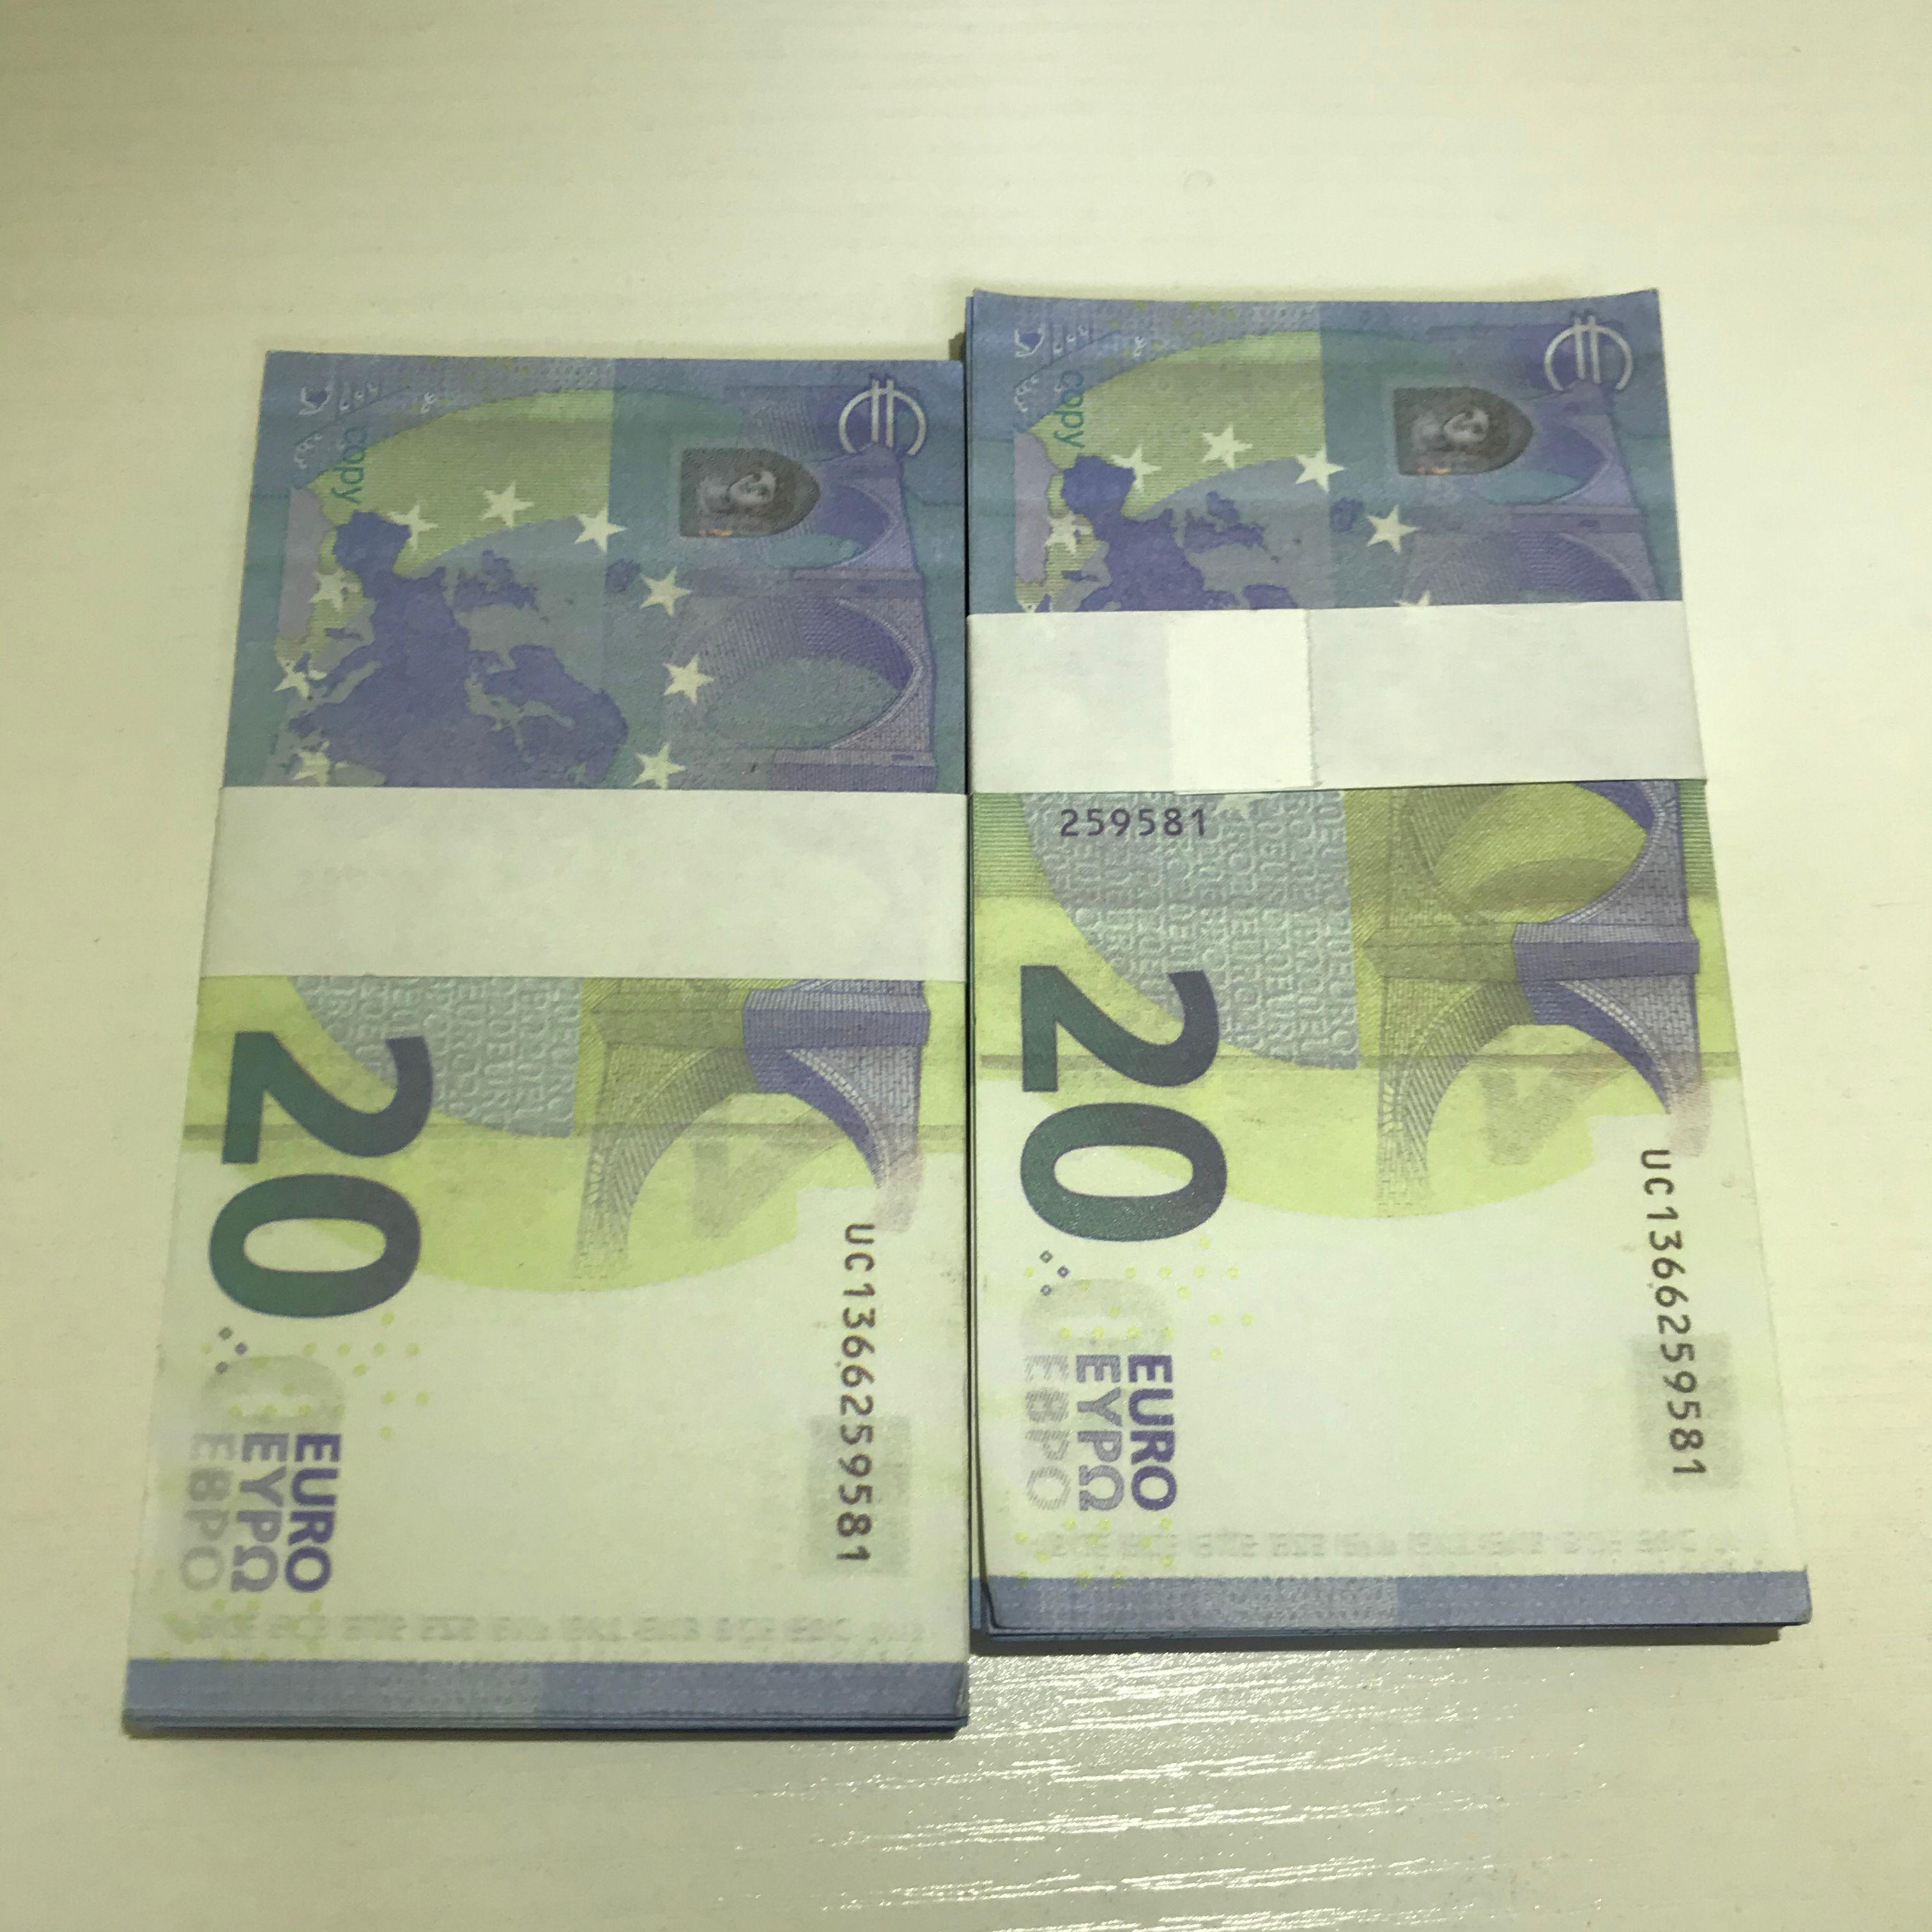 Euro libra falsificación de apoyo accesorios de punta de película obvuch moneda Faux Billet Le20-06 y dinero Dollar Props TV Bar Pocif